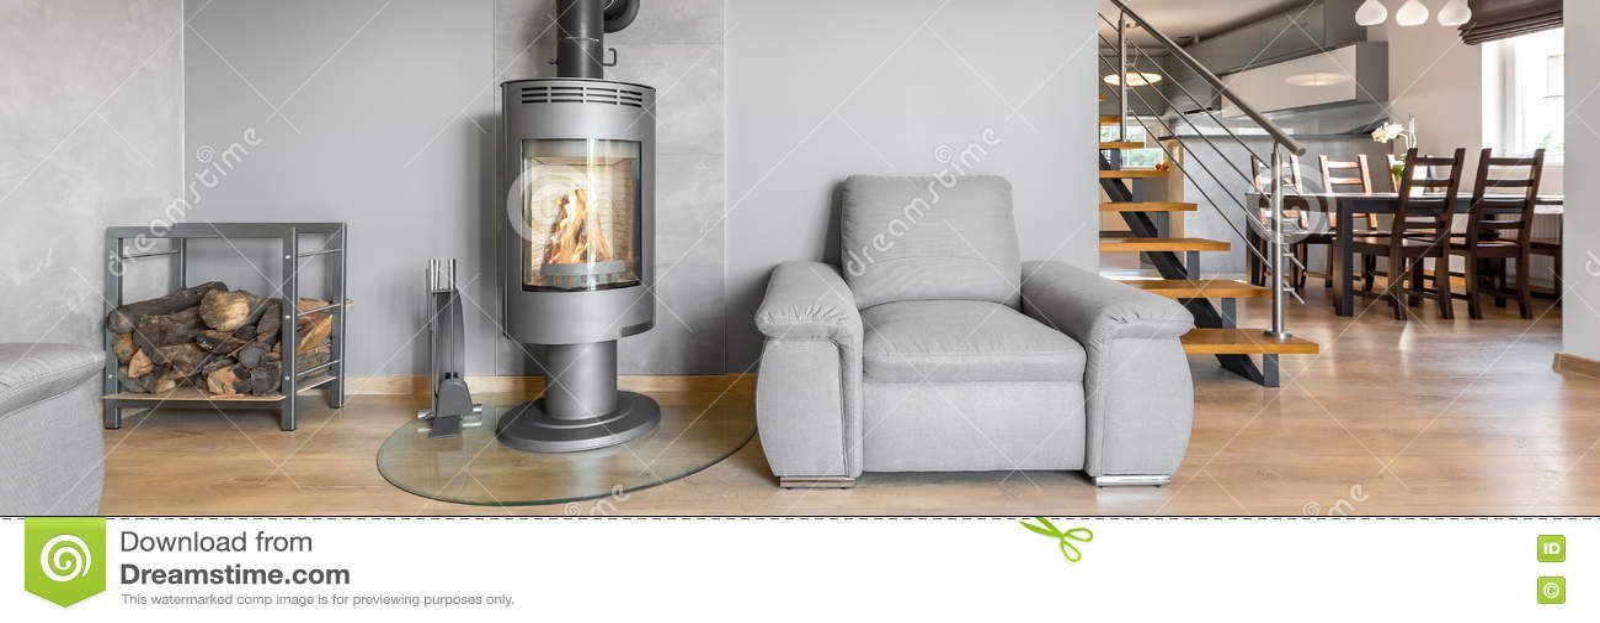 Cheminée Moderne Dans Le Salon Photo stock - Image du ...